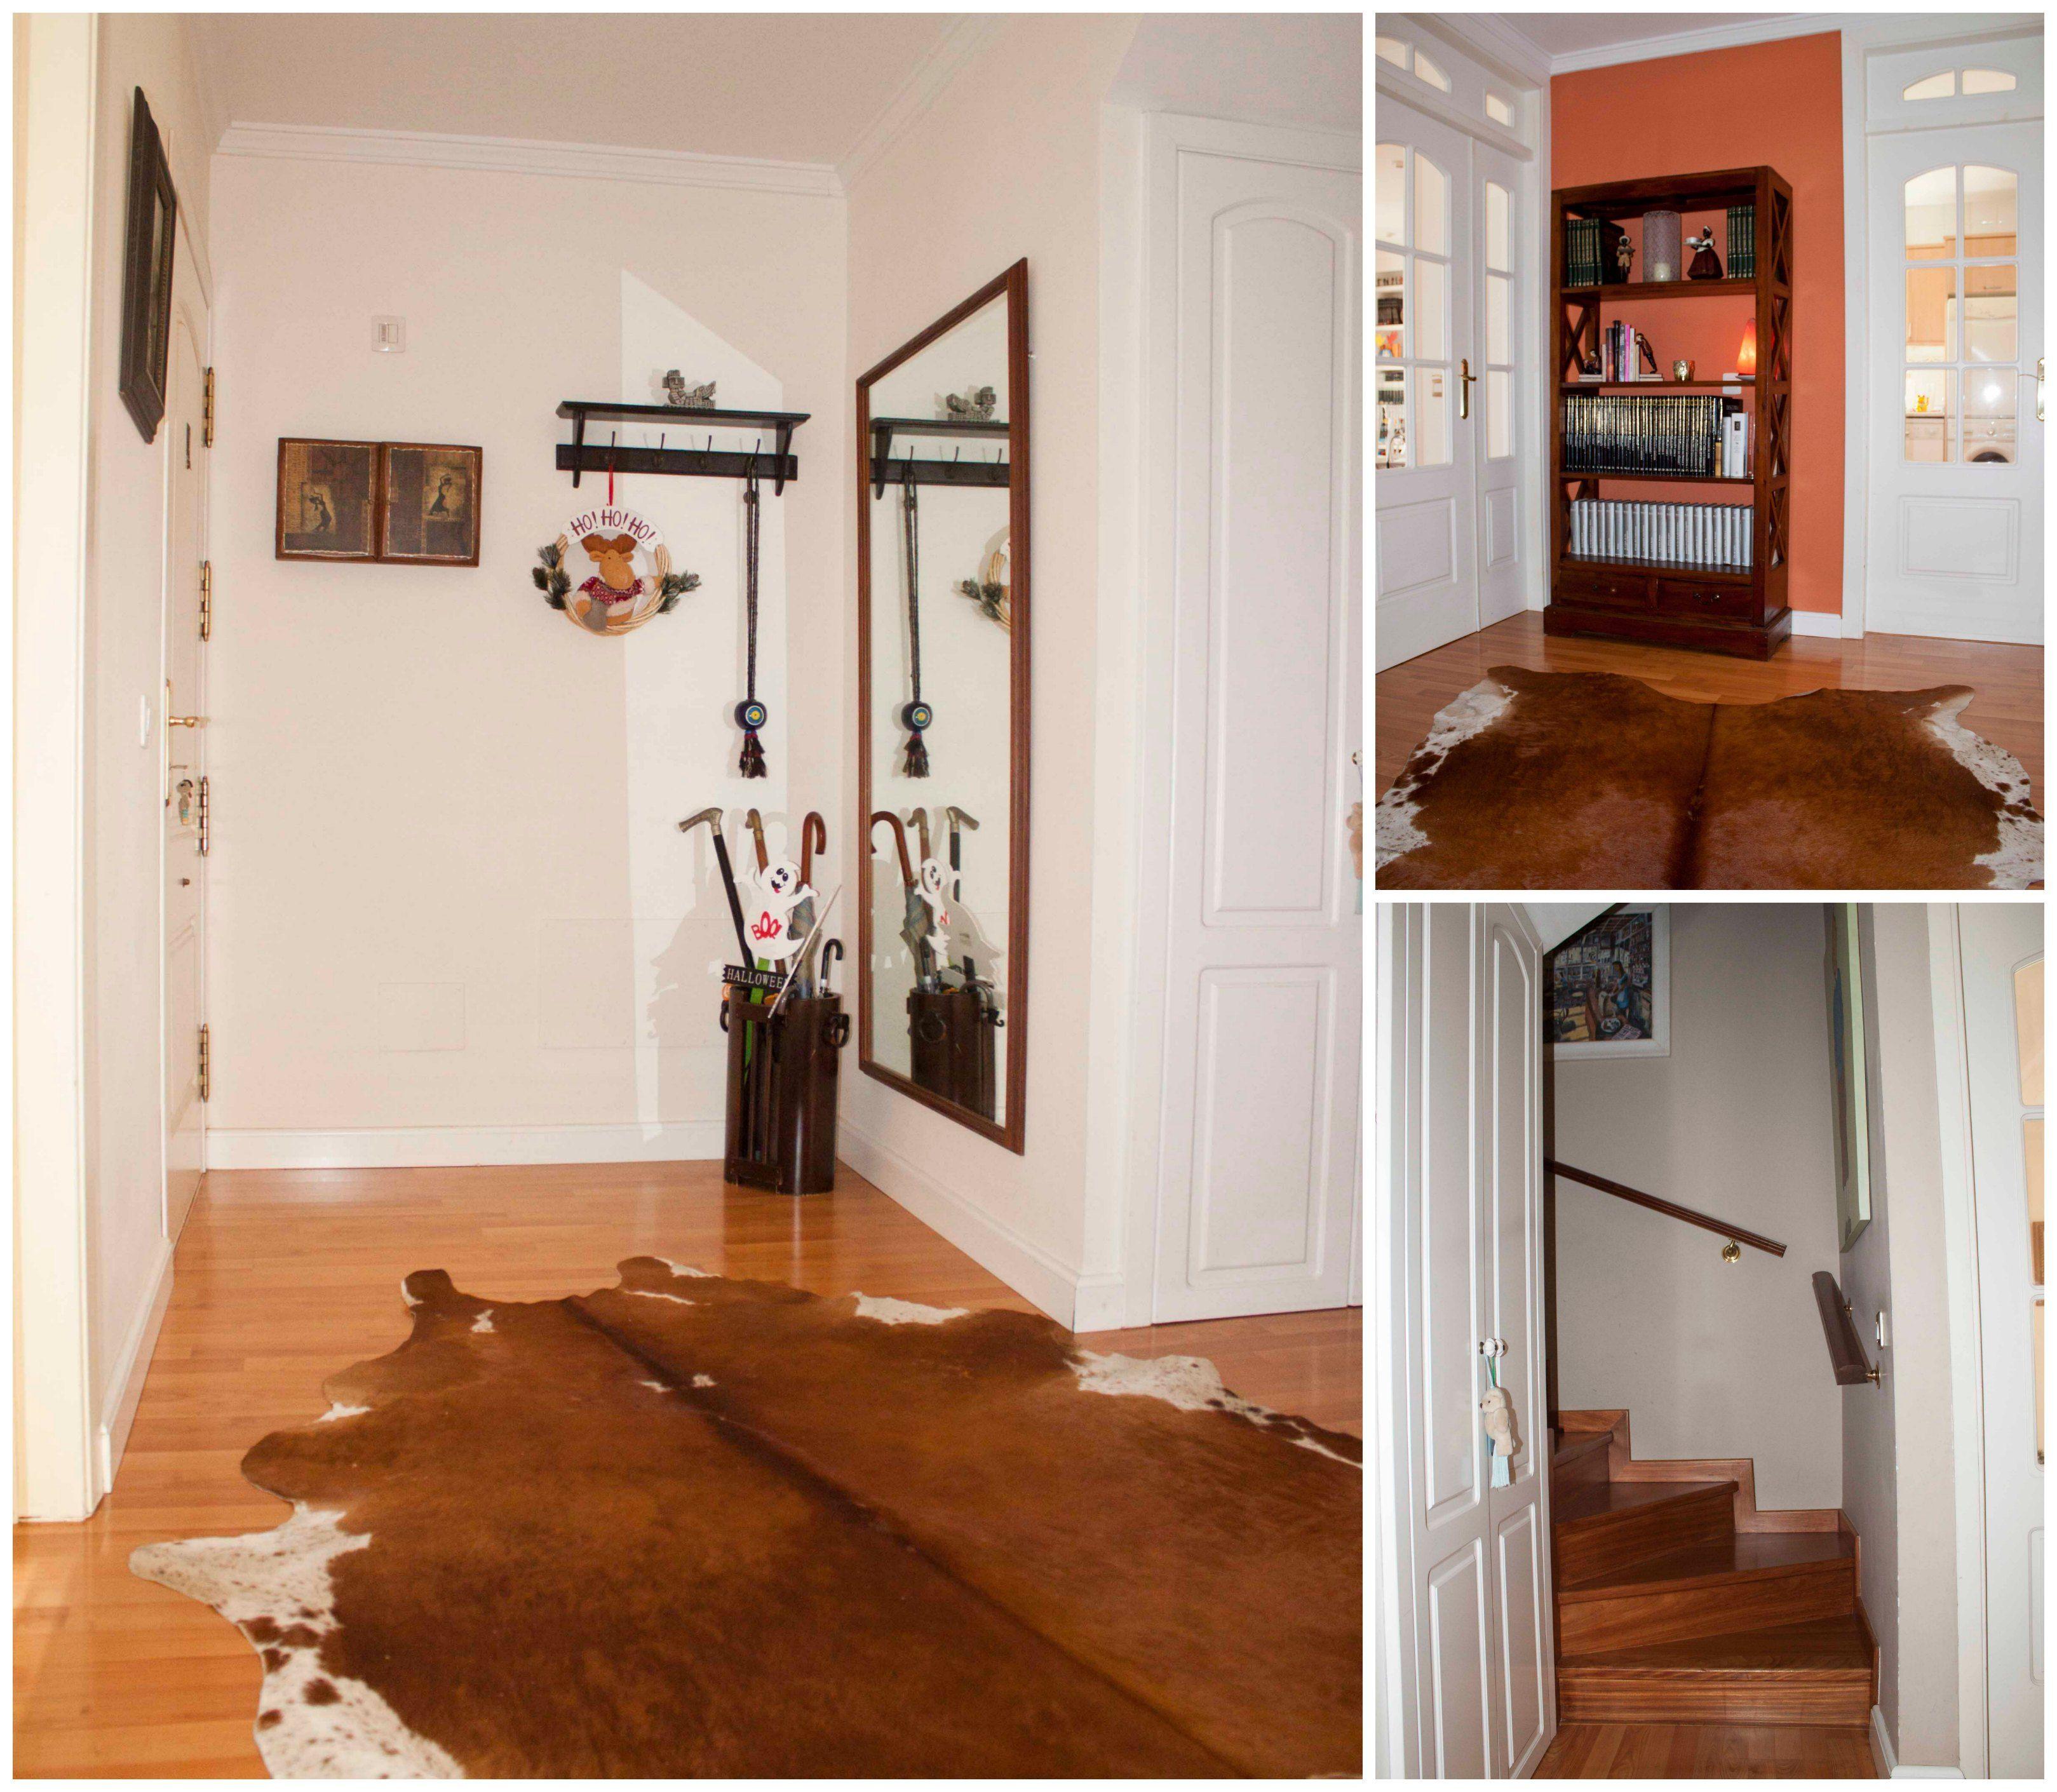 Entrada principal a la vivienda que distribuye el acceso a la planta alta, salón y cocina con un aseo.